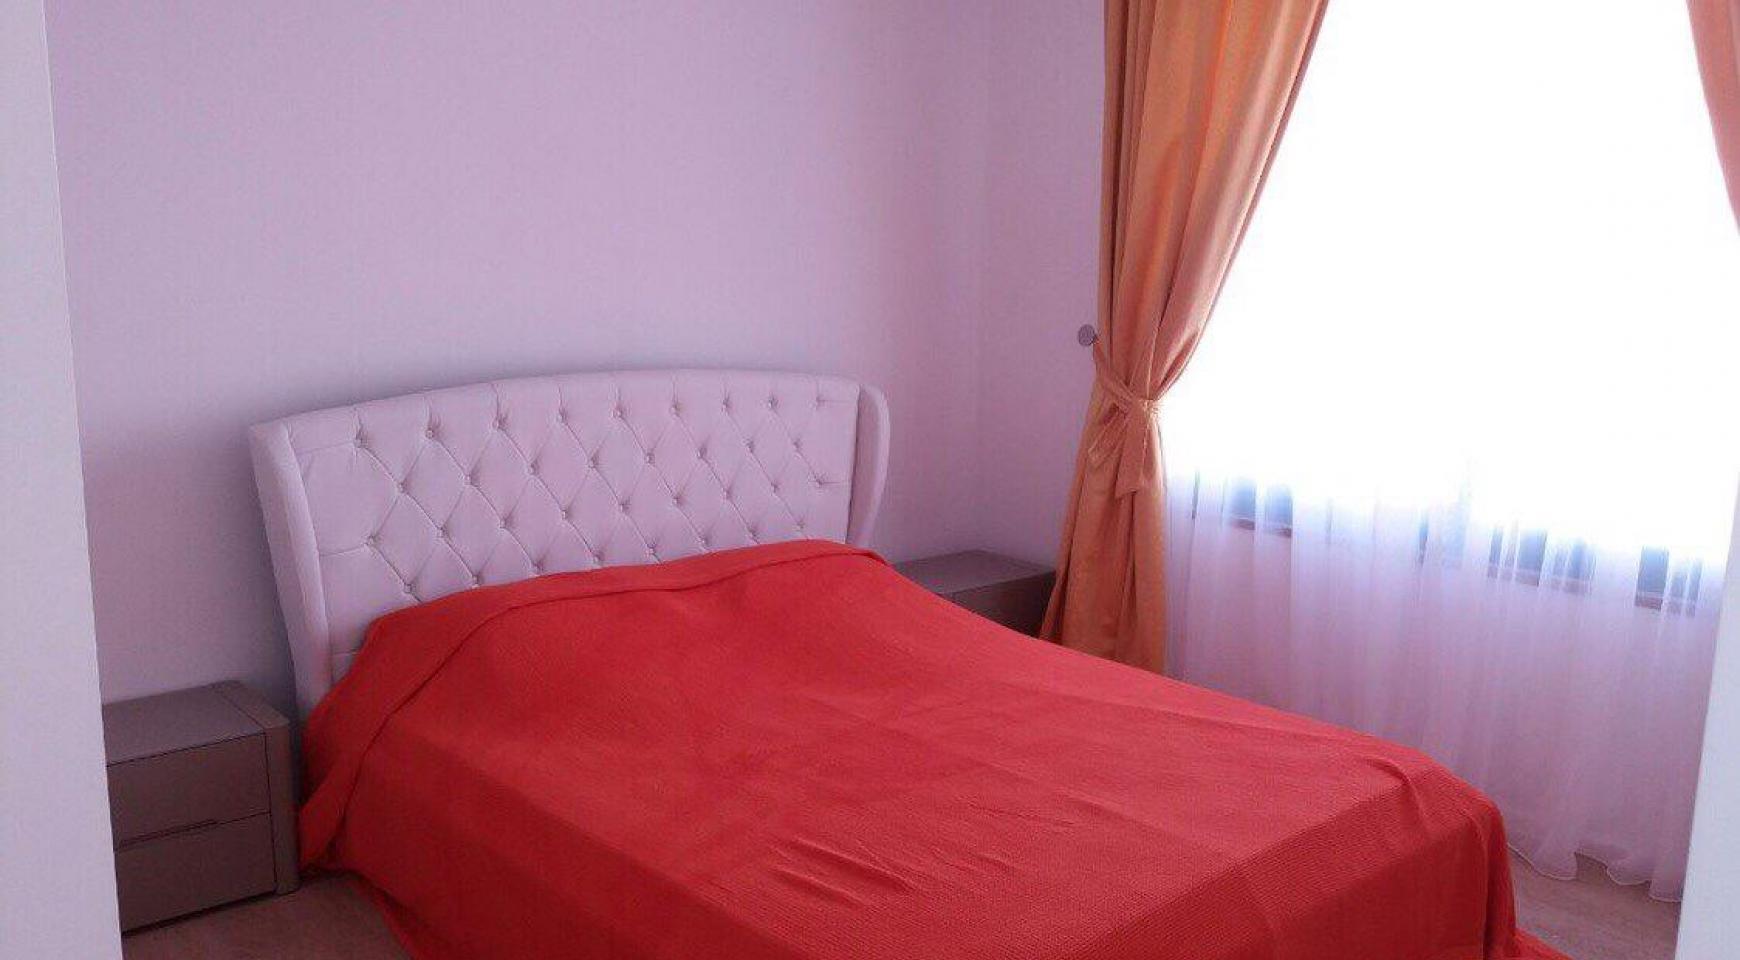 Новая Элитная 3-Спальная Вилла в Закрытом Комплексе возле Моря - 17